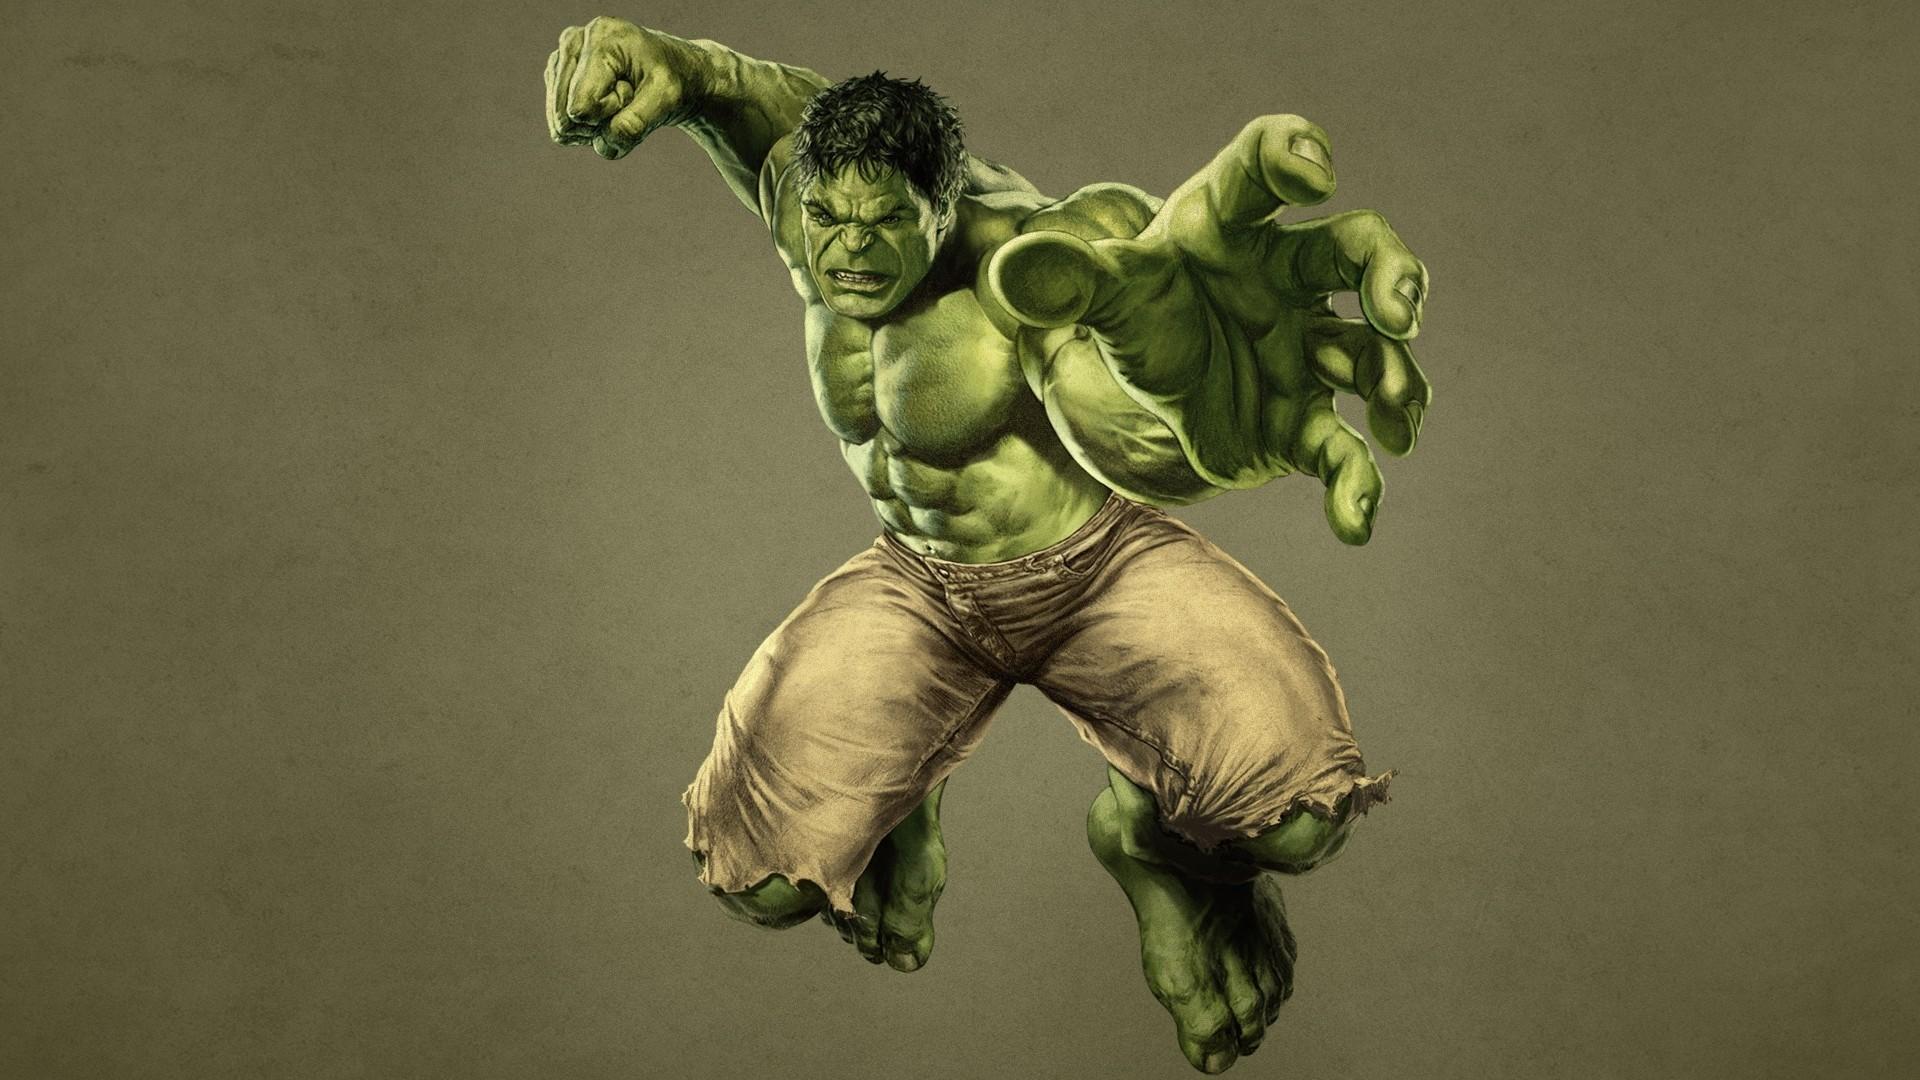 1920x1080 Hulk Hd Wallpapers